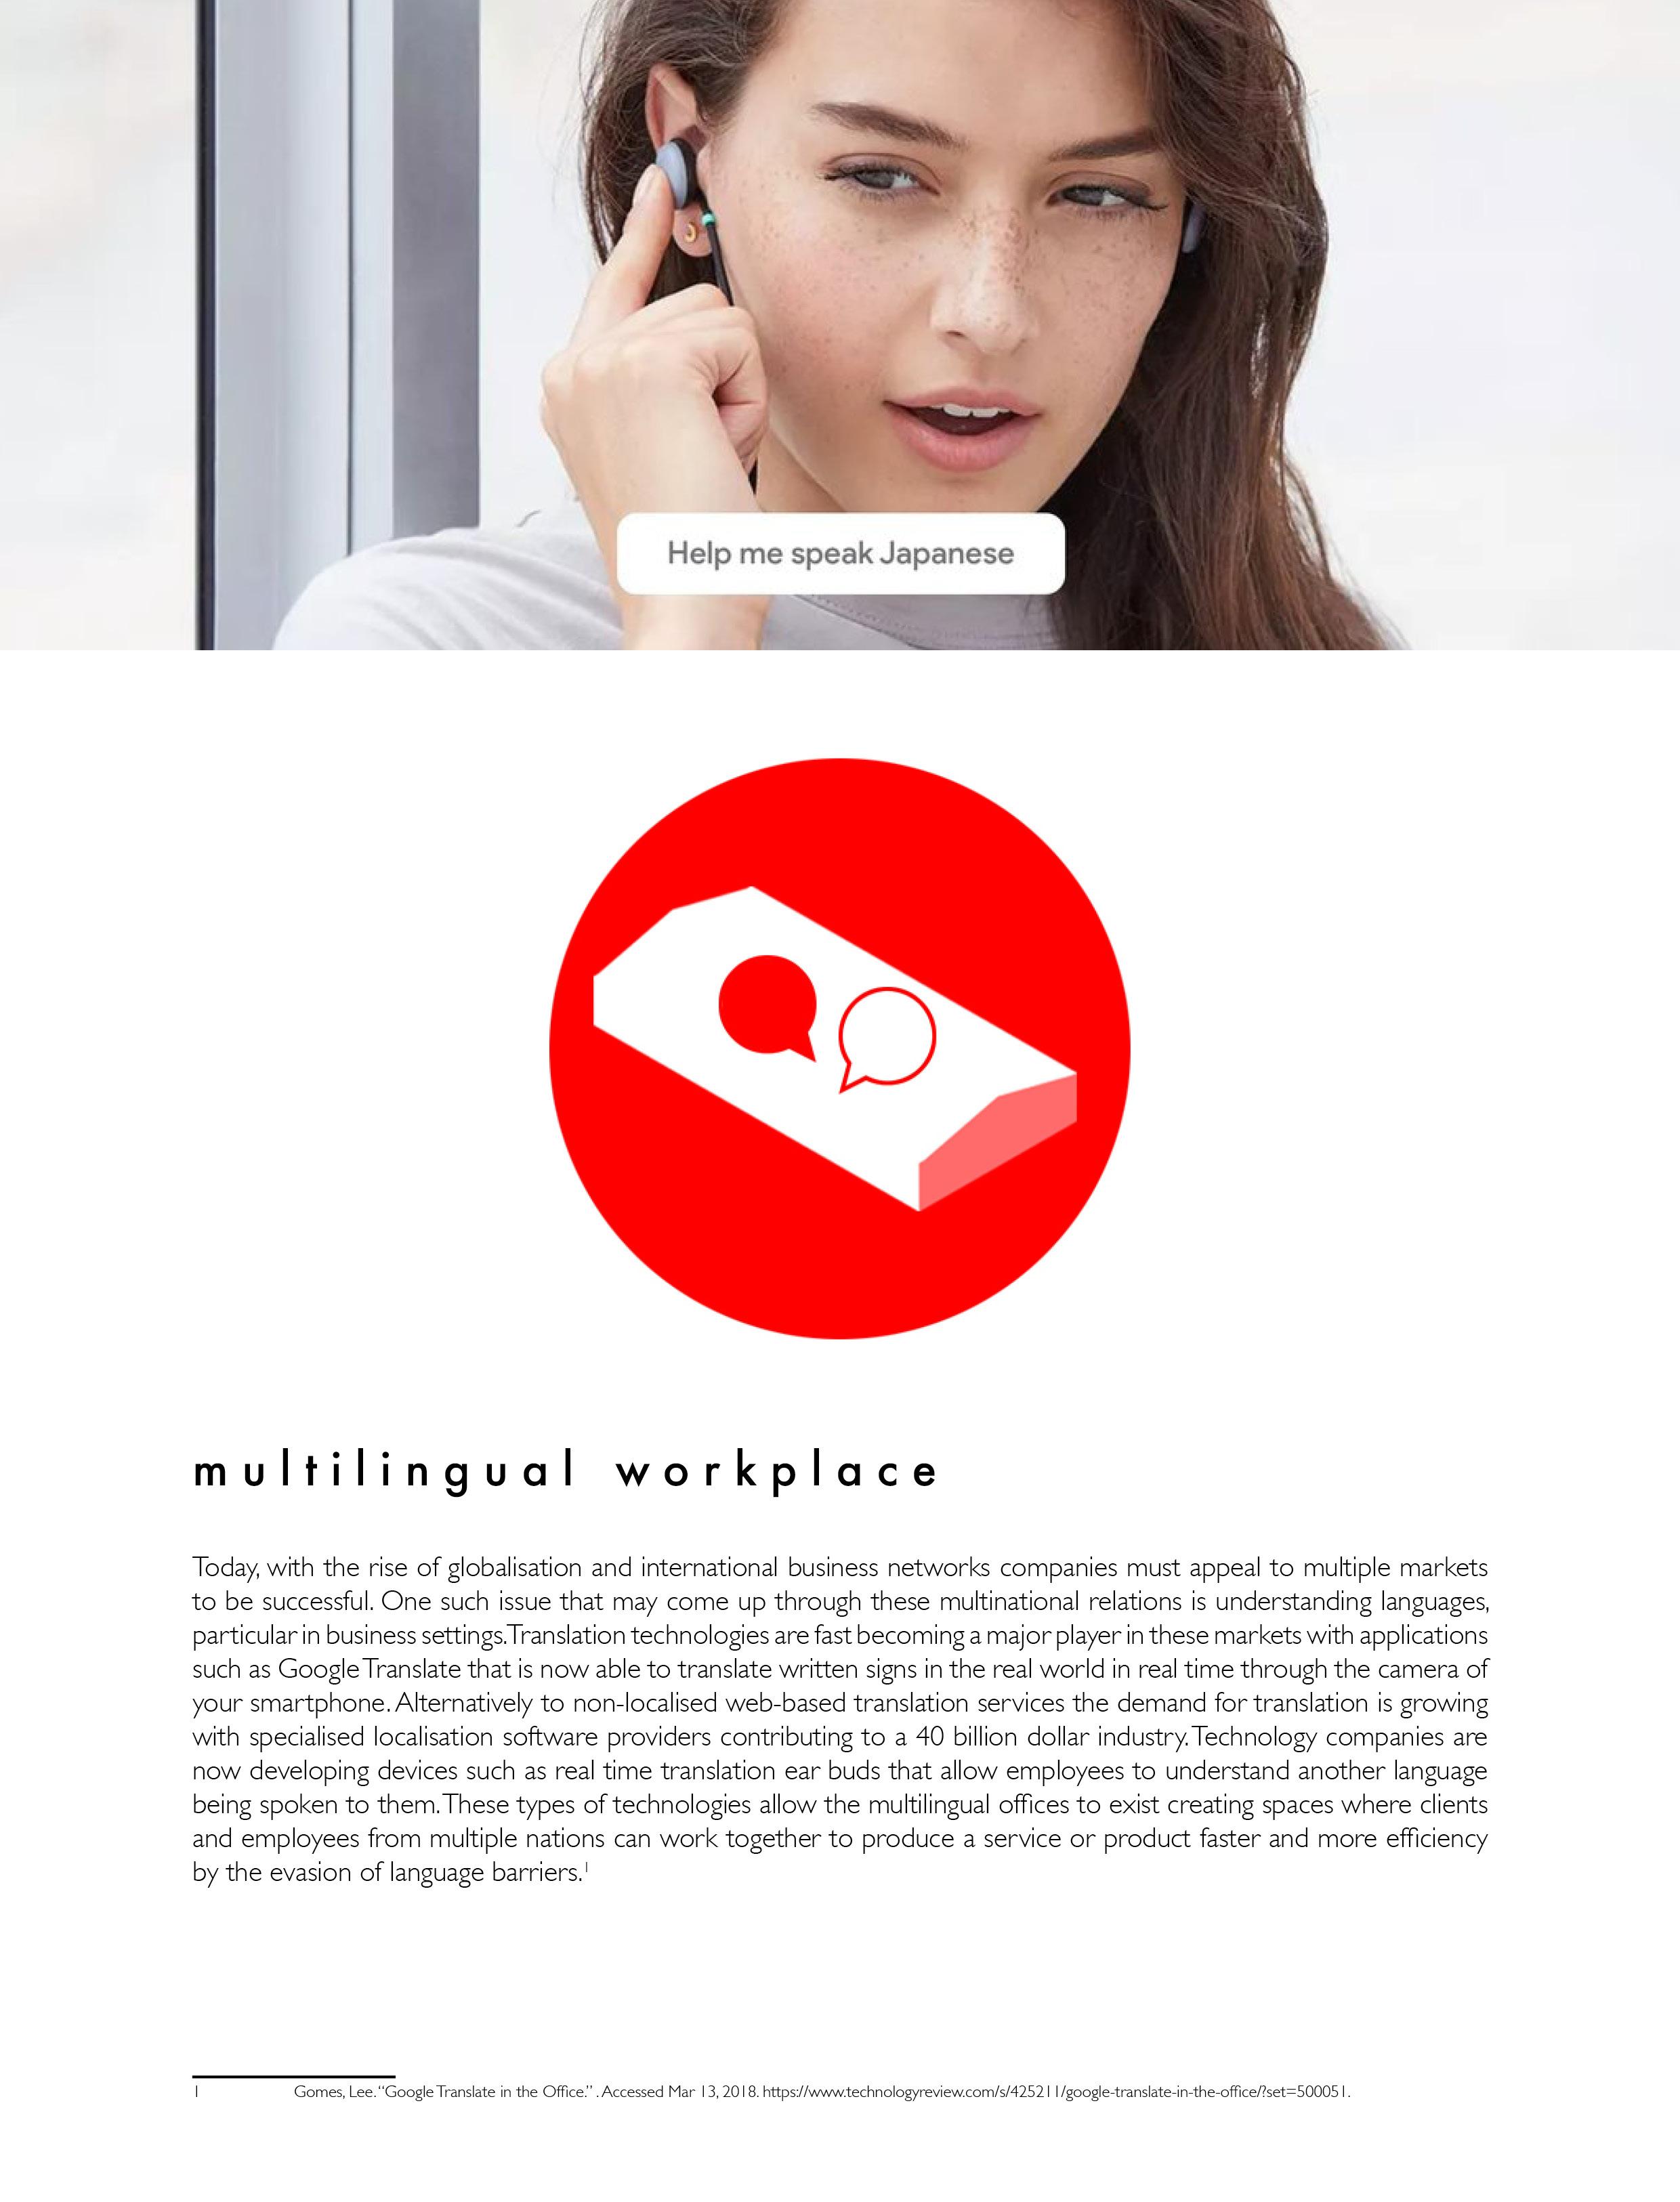 Atelier Aitken Modern Workplace design - multi-lingual workplace.jpg